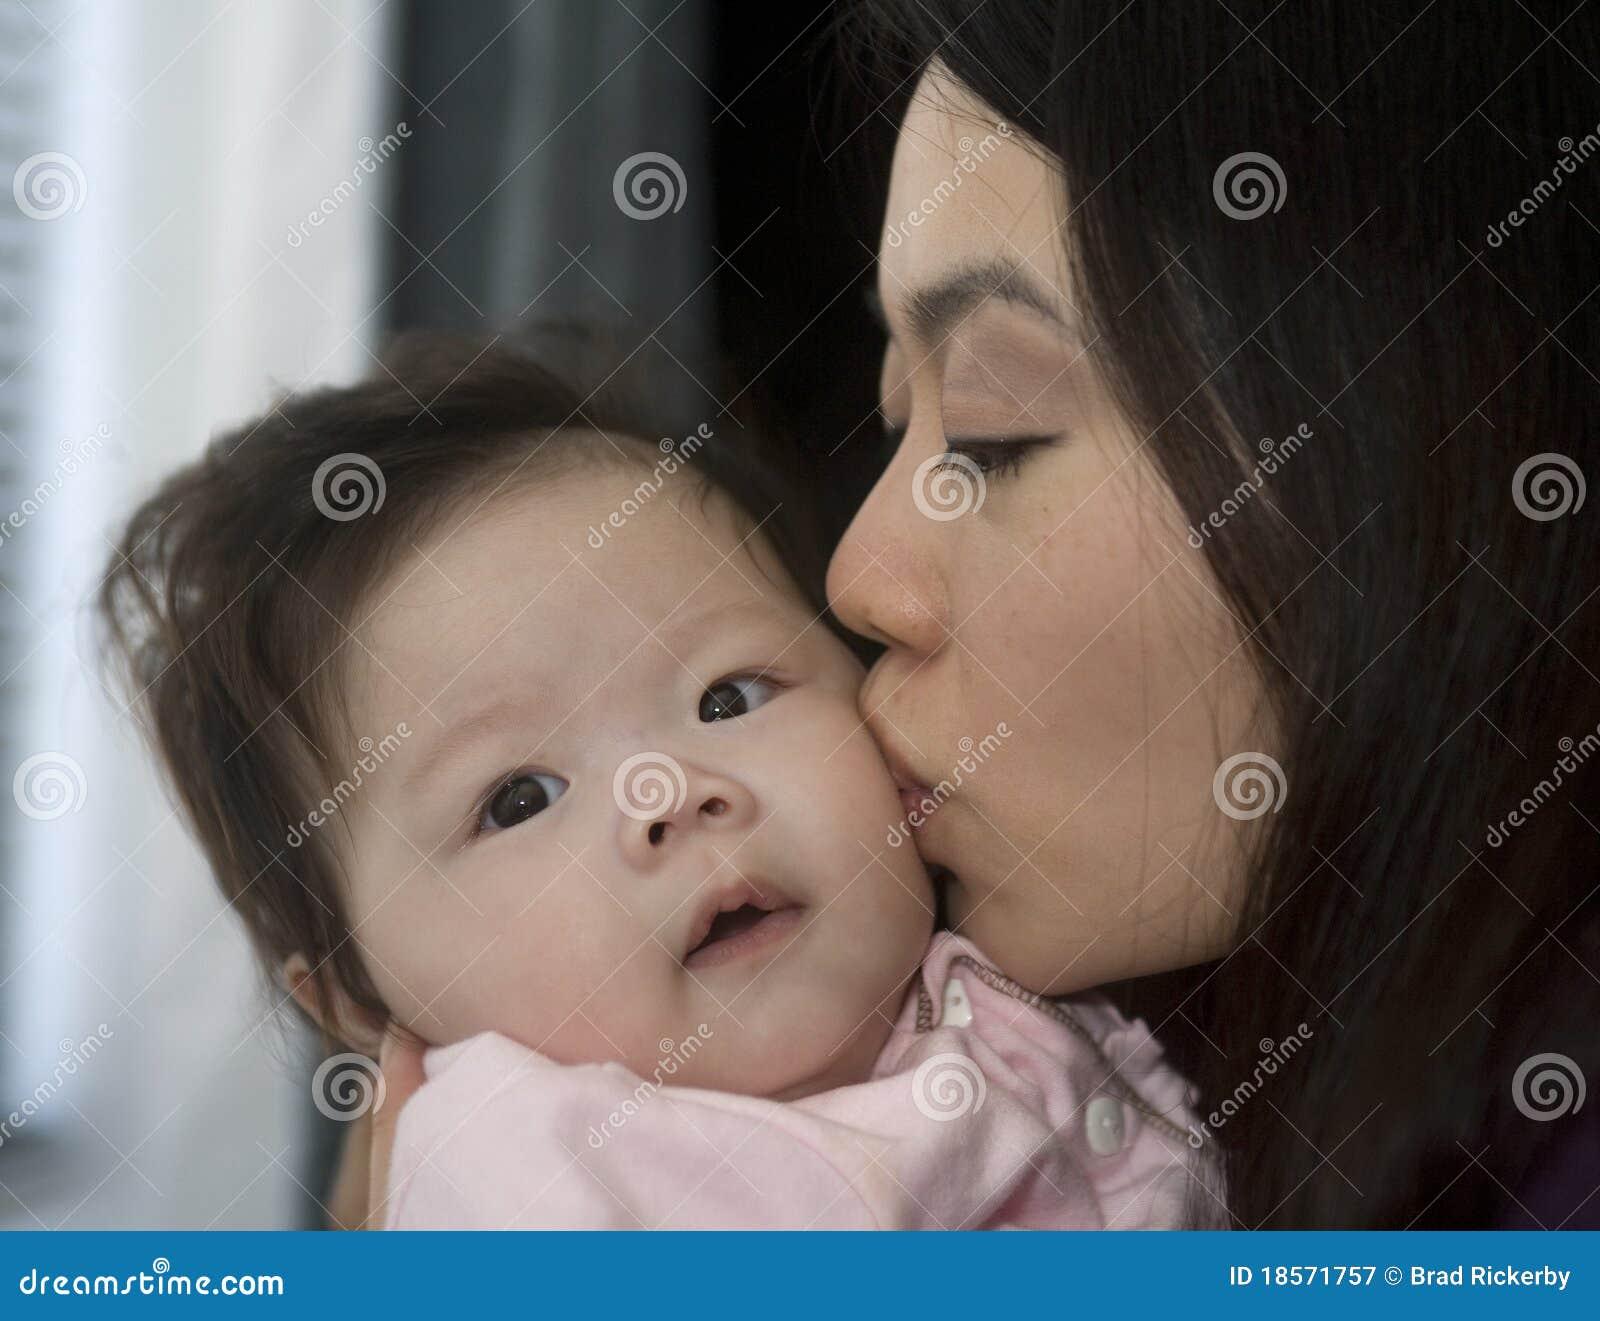 Asiatische Mutter küßt ihre Tochter